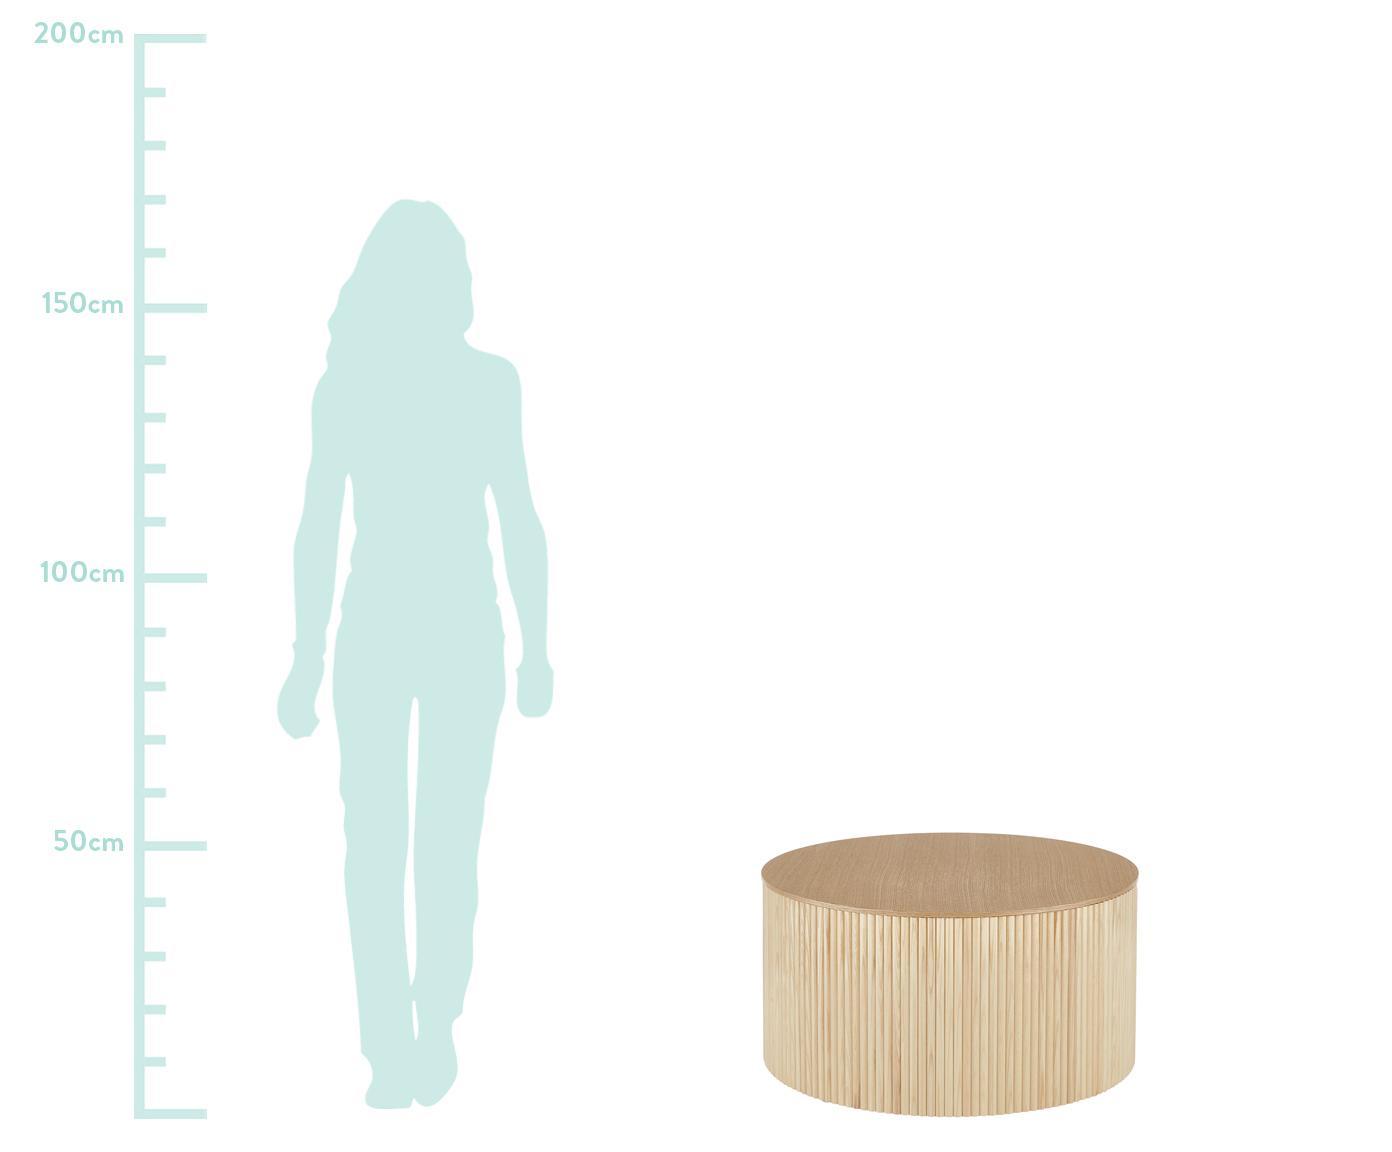 Couchtisch Nele mit Stauraum, Mitteldichte Holzfaserplatte (MDF) mit Eschenholzfurnier, Eschenholzfurnier, Ø 70 x H 36 cm